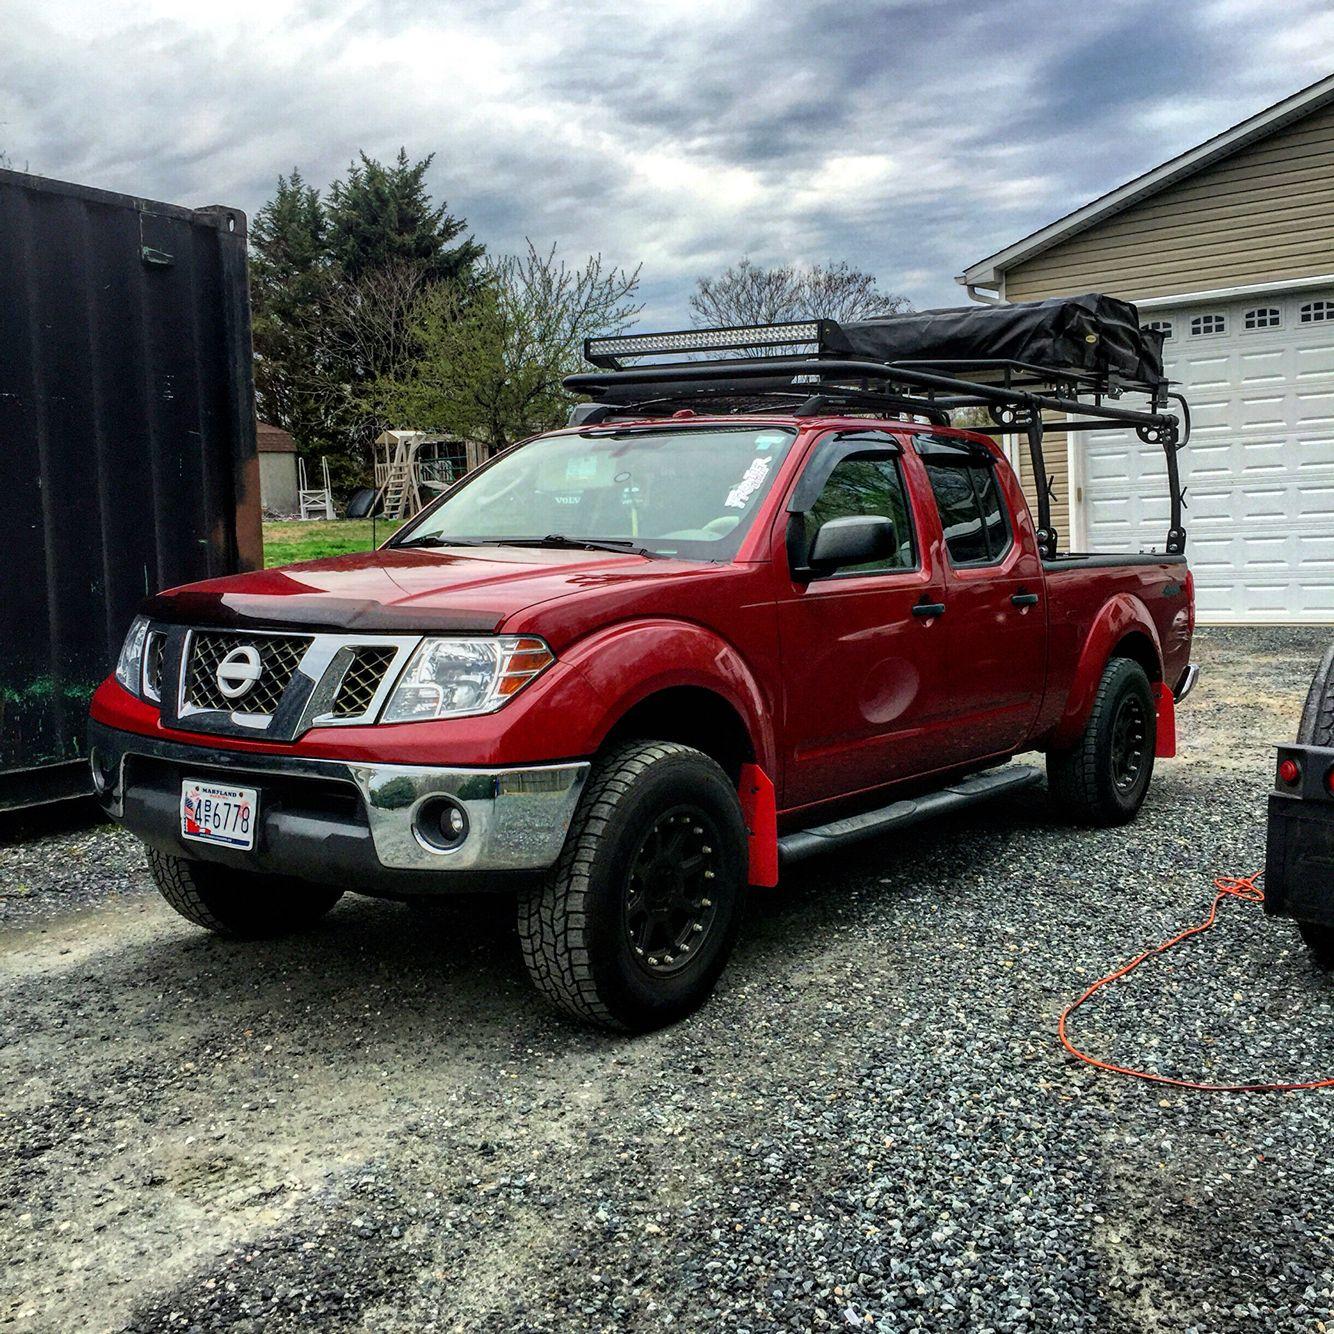 My Nissan Frontier Built For Overlanding Www Metronissanredlands Com Nissan Trucks Nissan Navara D40 Nissan Frontier Accessories